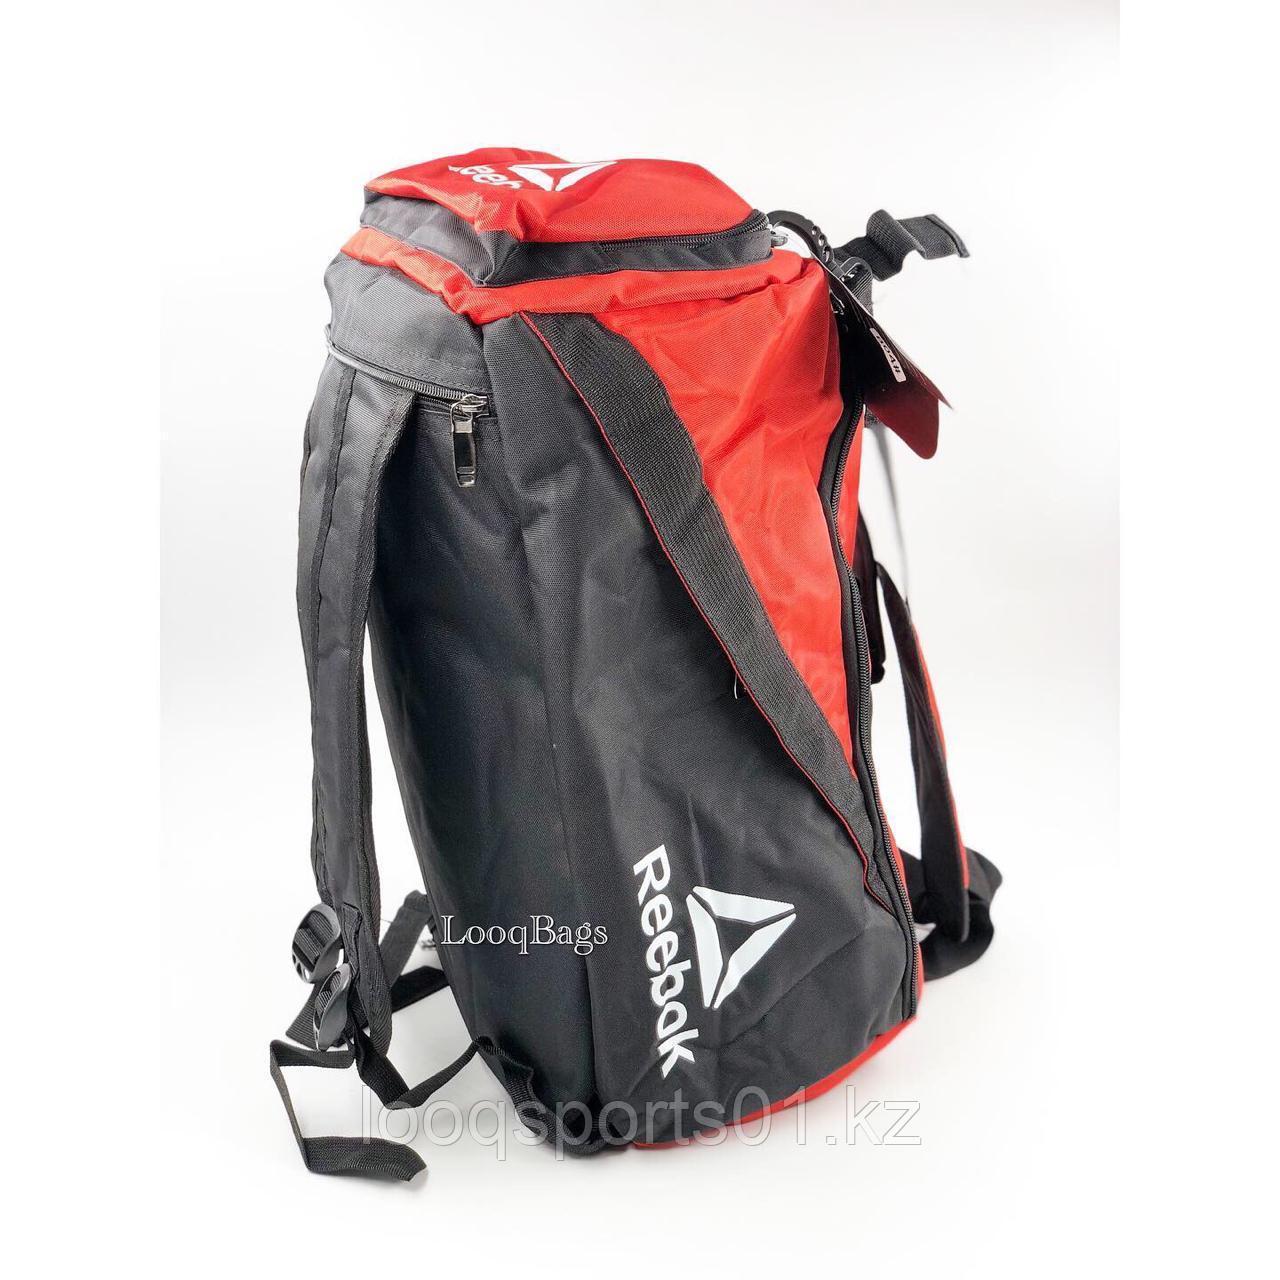 Спортивная сумка рюкзак (дорожные) Reebok 3в1 (508)